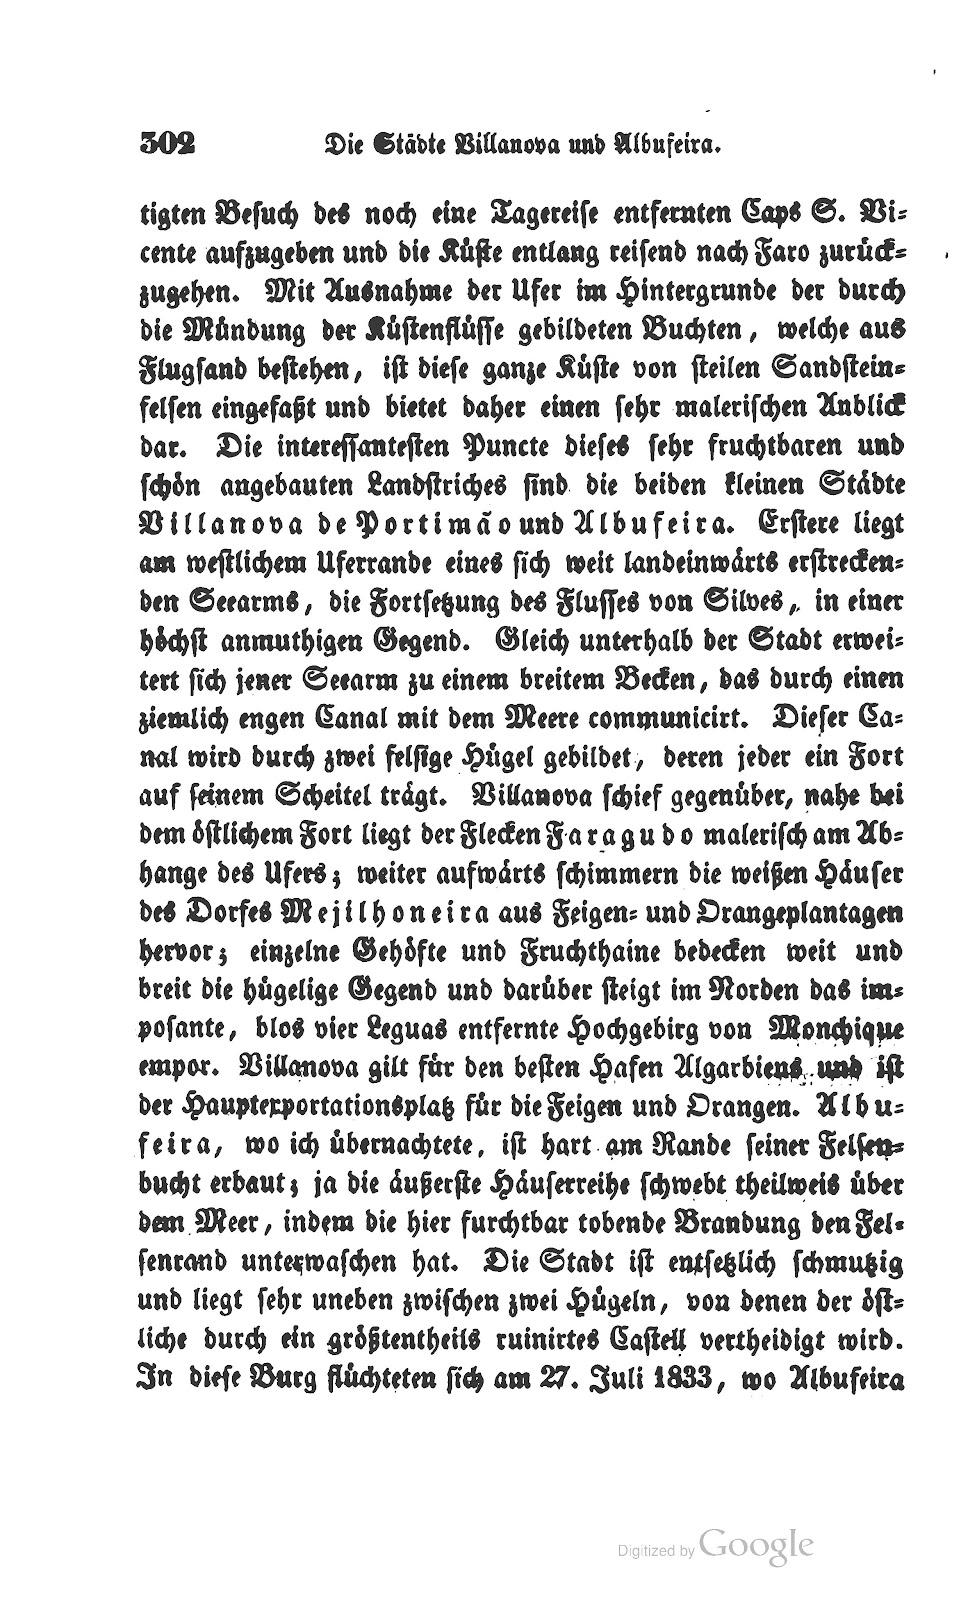 WIllkomm - 10. Kapitel Pages from Zwei_Jahre_in_Spanien_und_Portugal(3)_Page_44.jpg